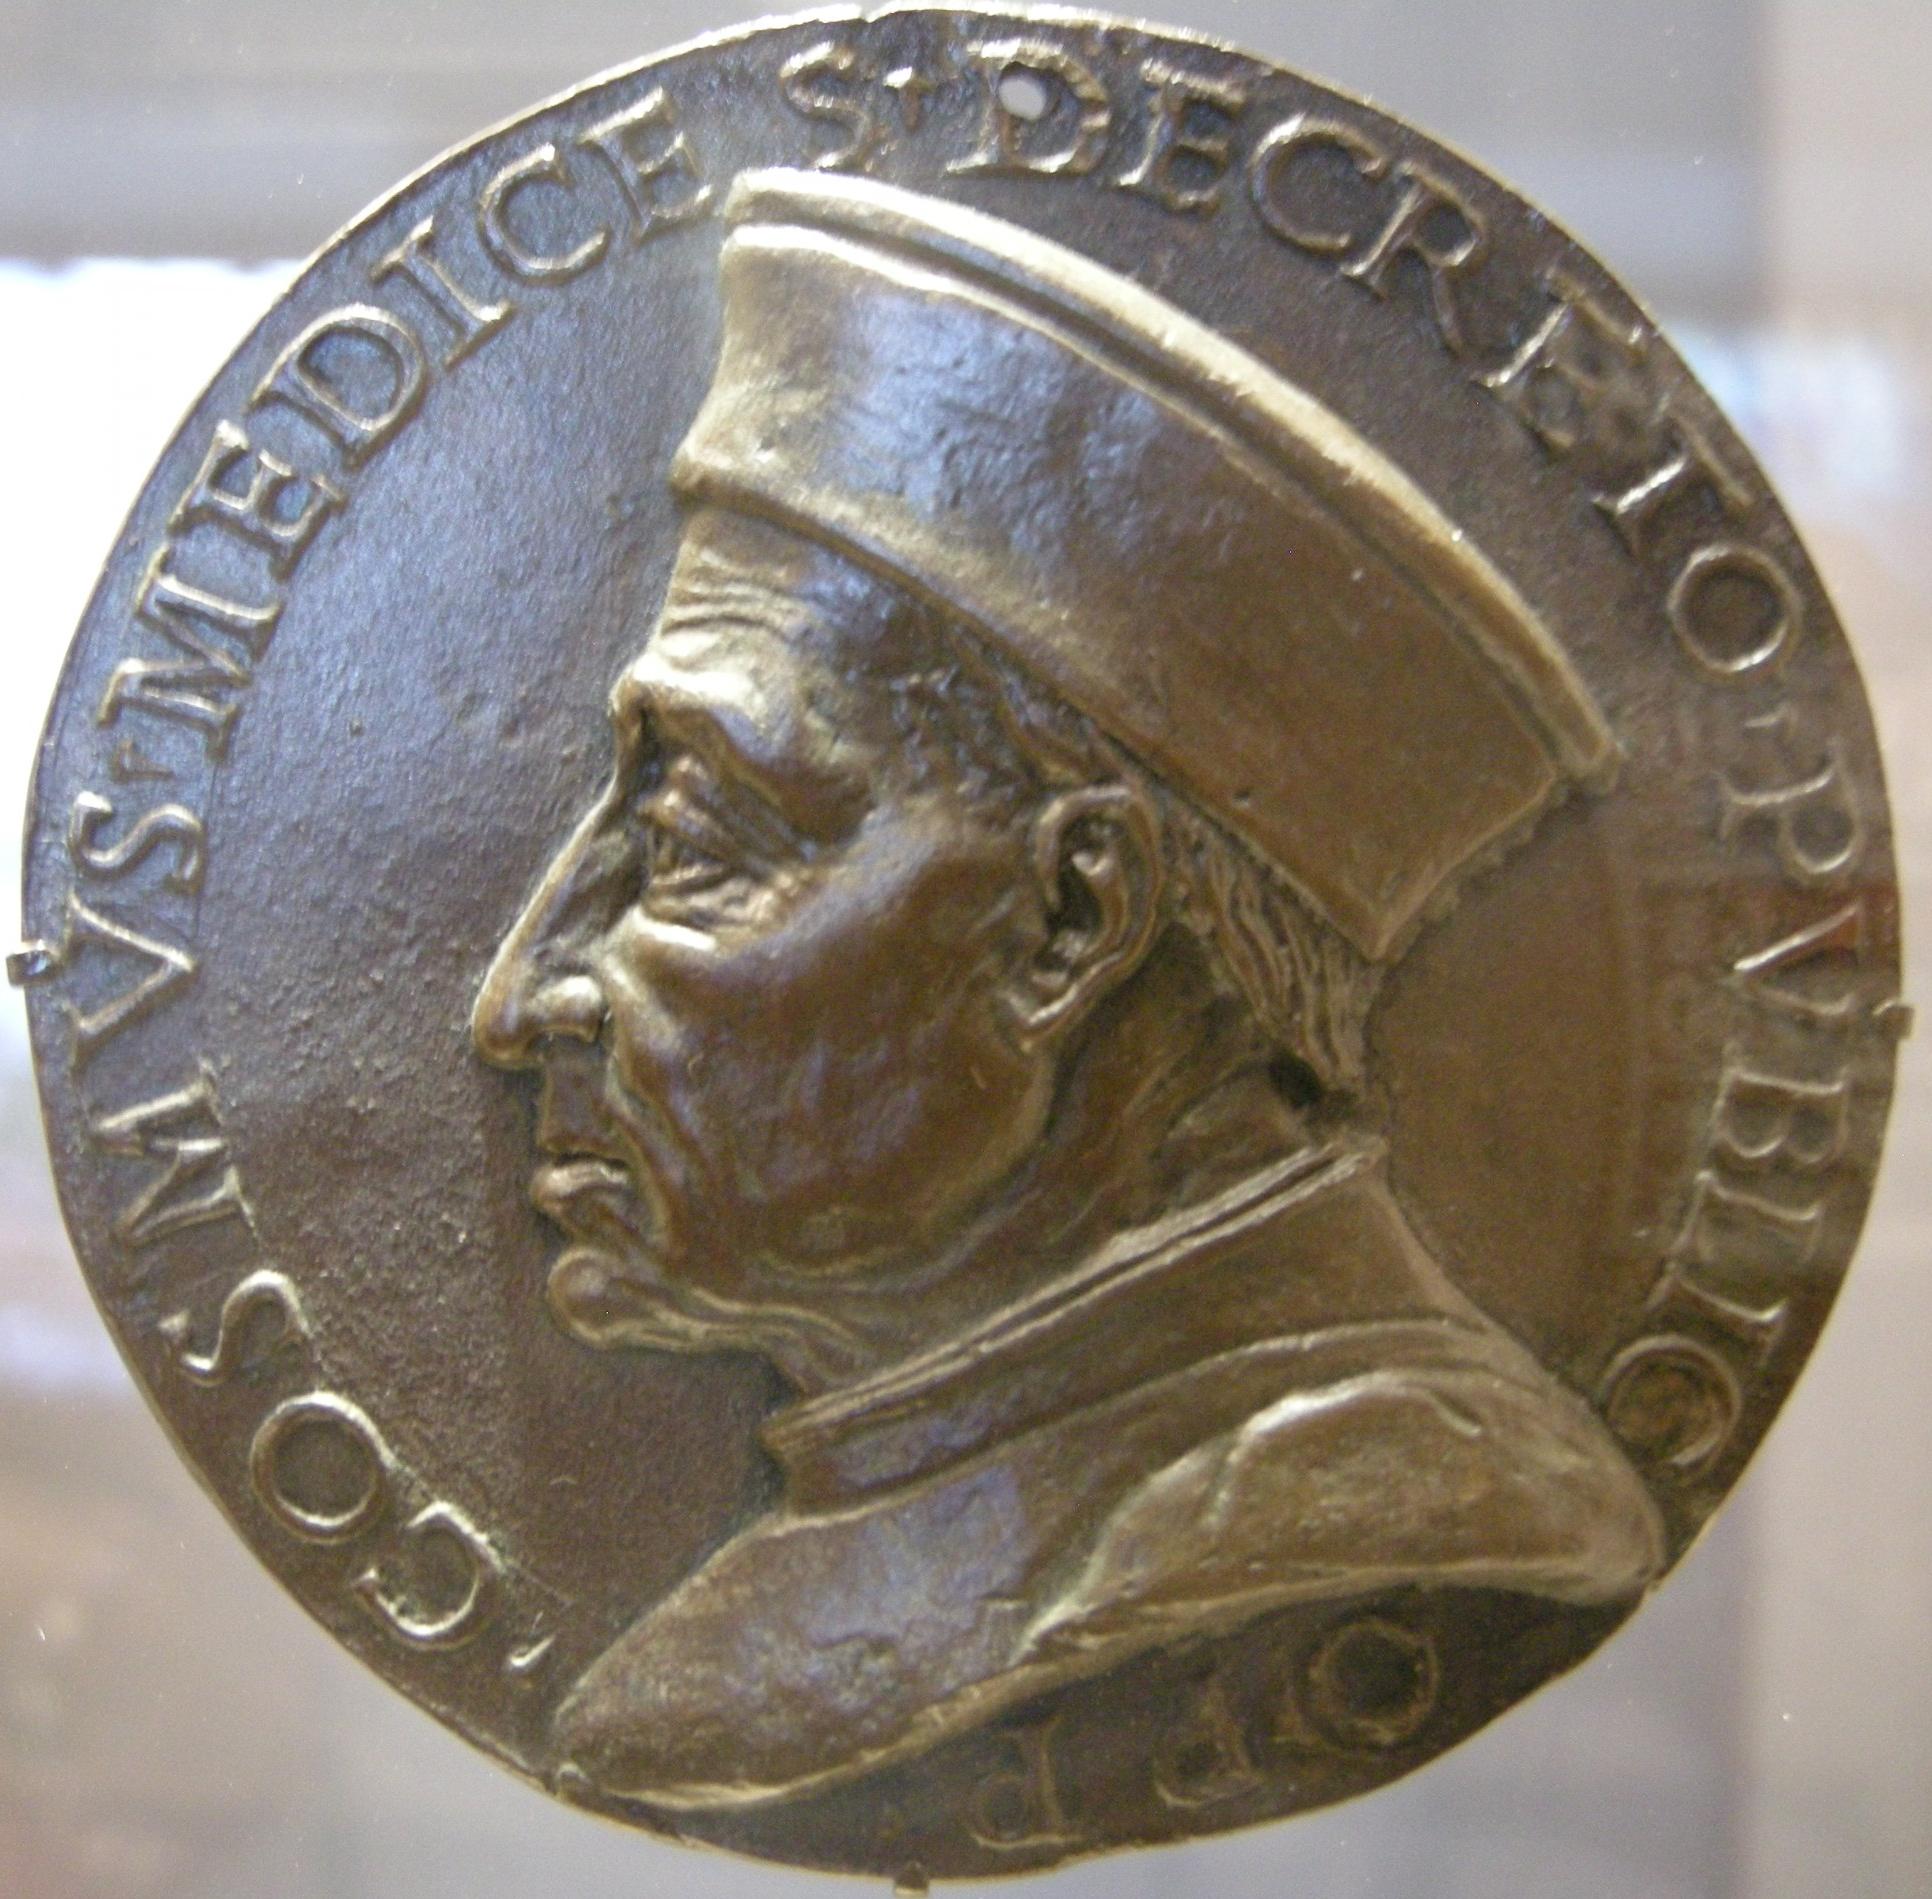 File:Artista fiorentino, cosimo de' medici pater patriae, 1465-69,